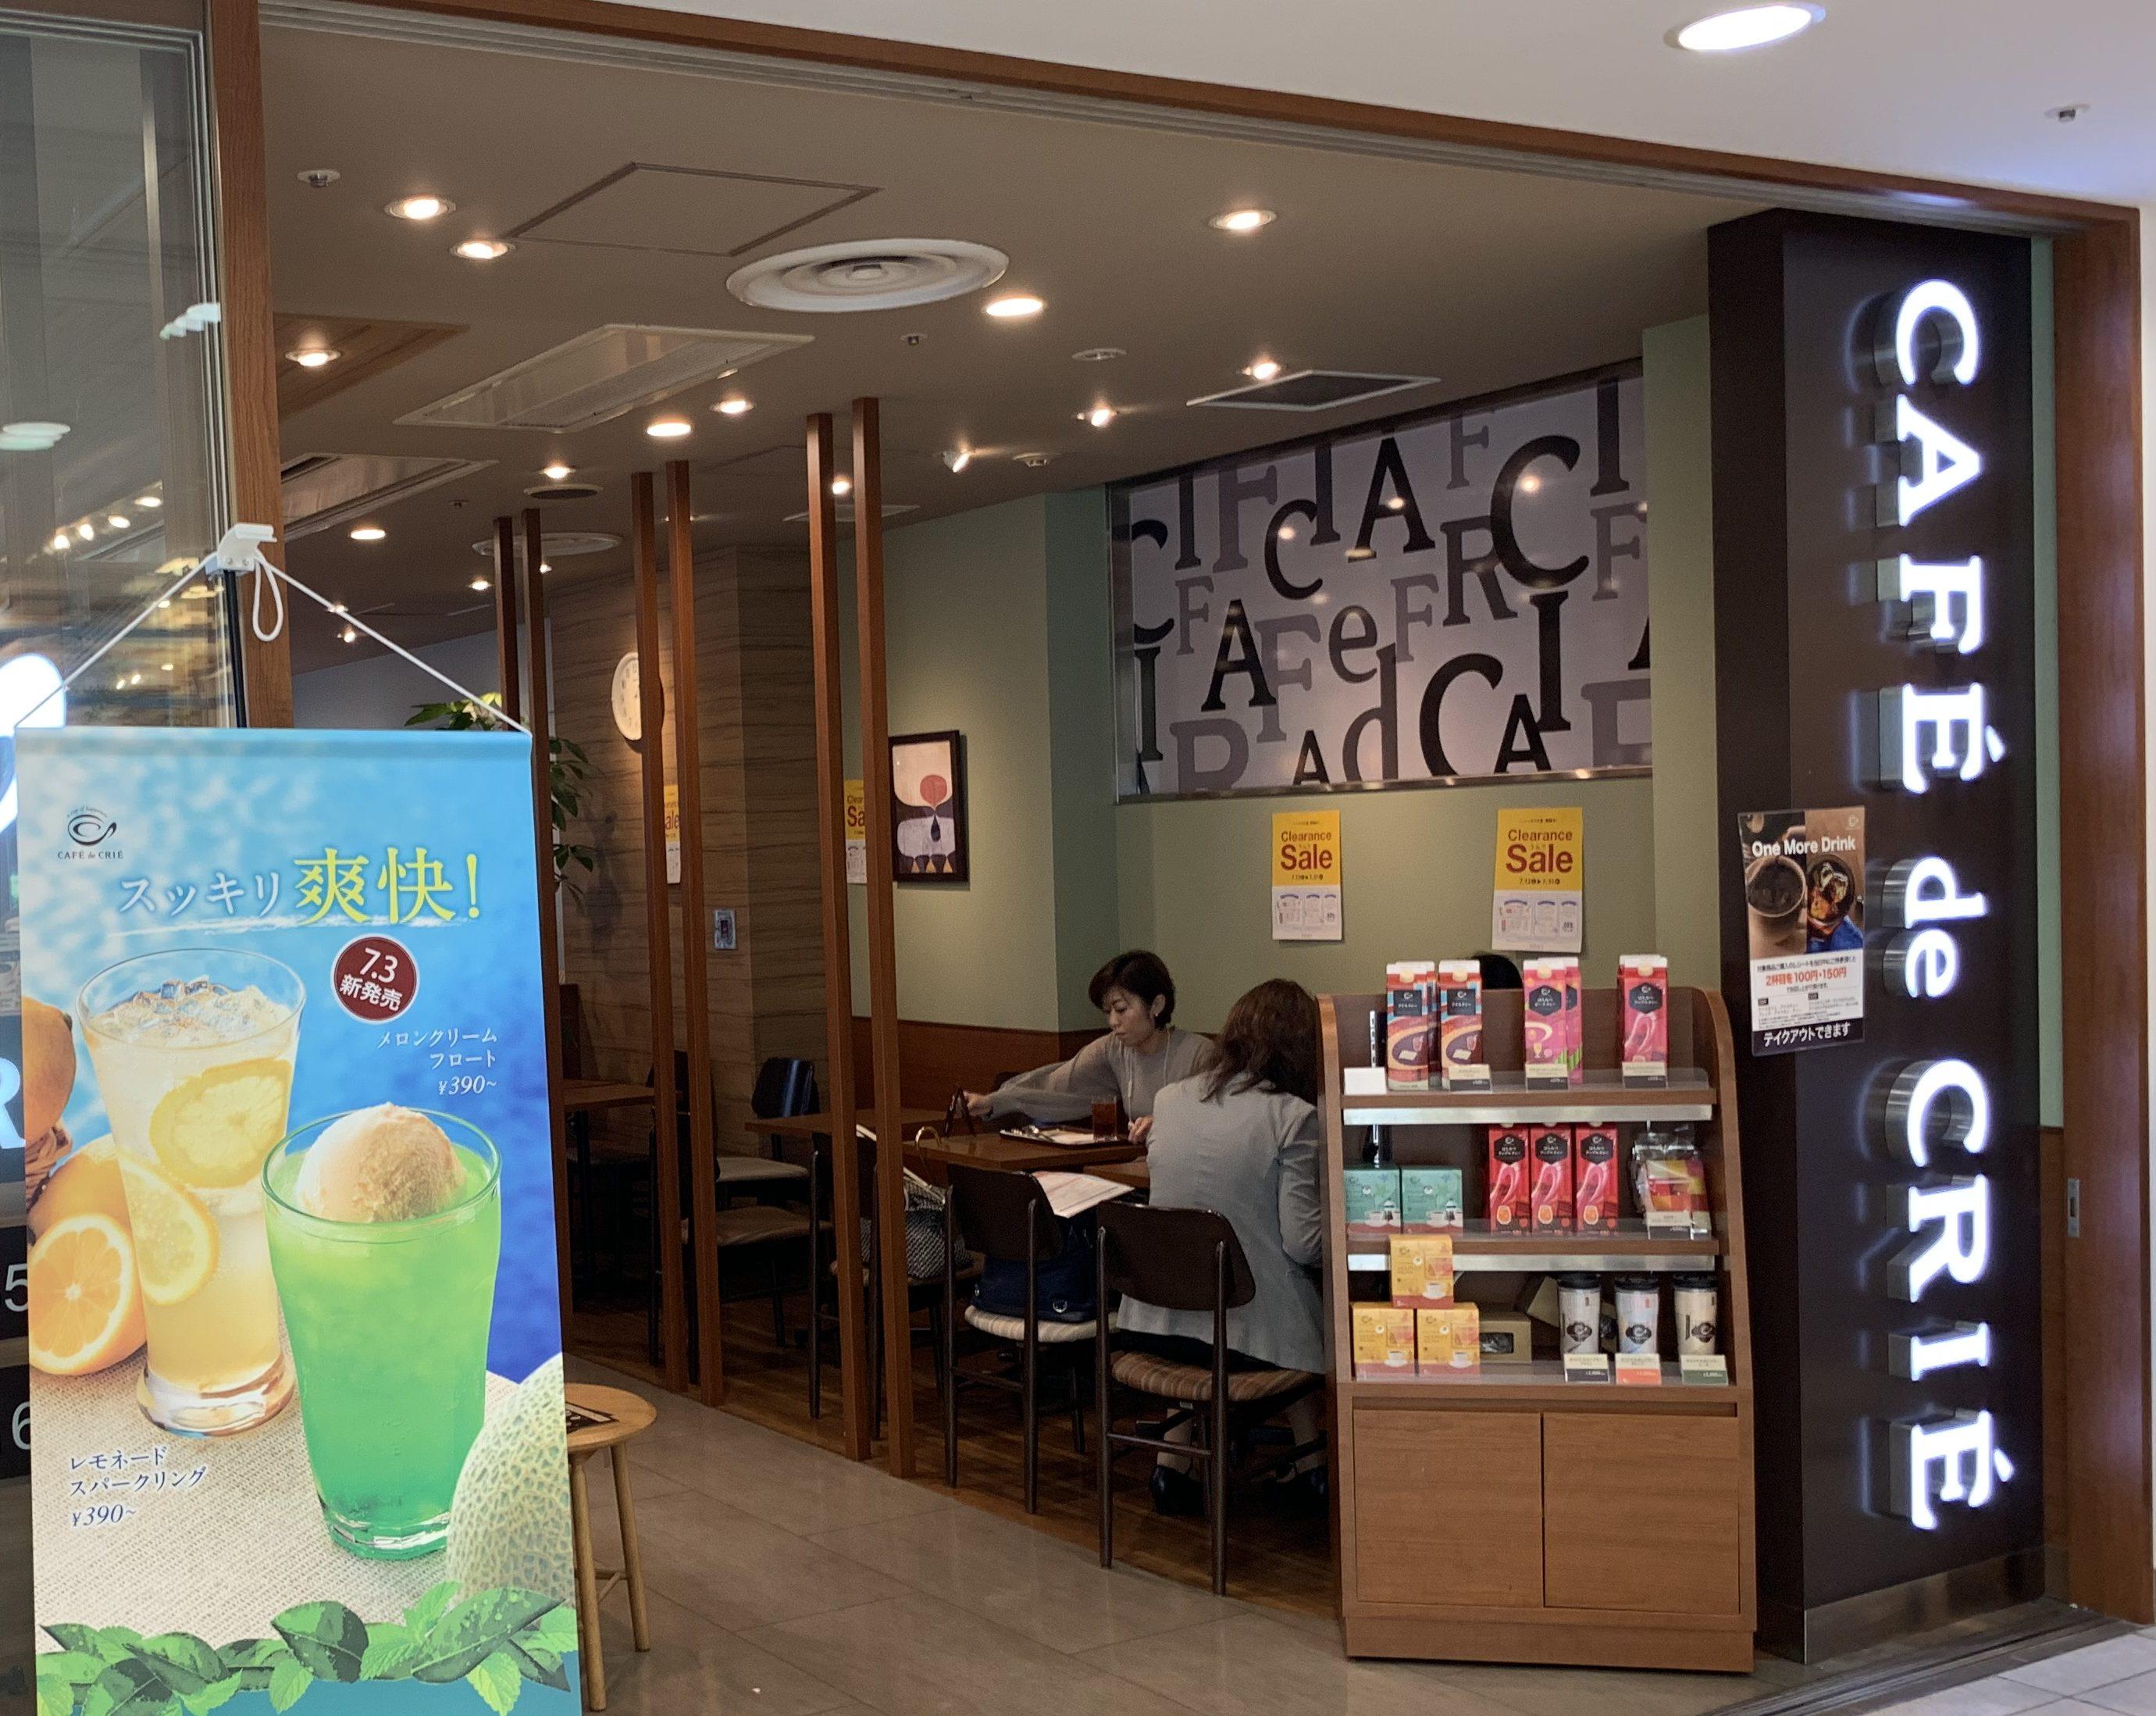 飯田橋駅セントラルショッピングプラザラムラ 電源カフェ カフェ・ド・クリエ飯田橋ラムラ店 Wi-Fi